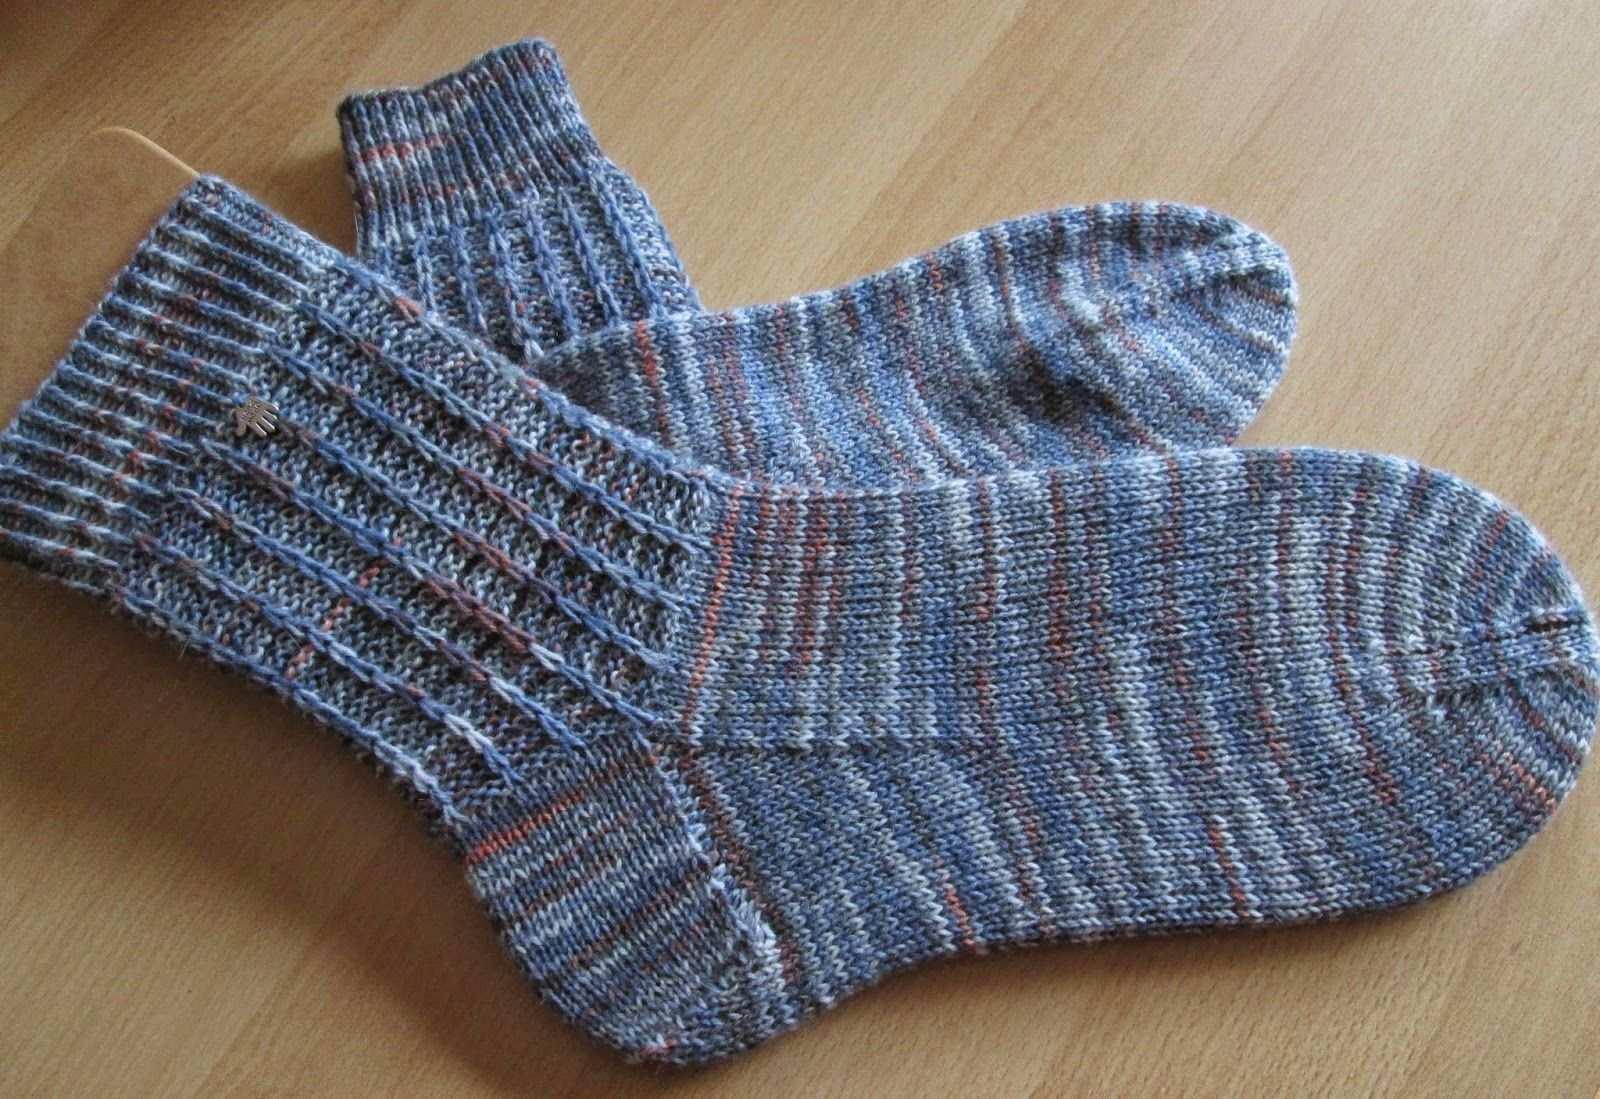 Rikes Schaufenster Jetzt Fur Manner Iii Socken Stricken Muster Socken Stricken Anleitung Socken Stricken